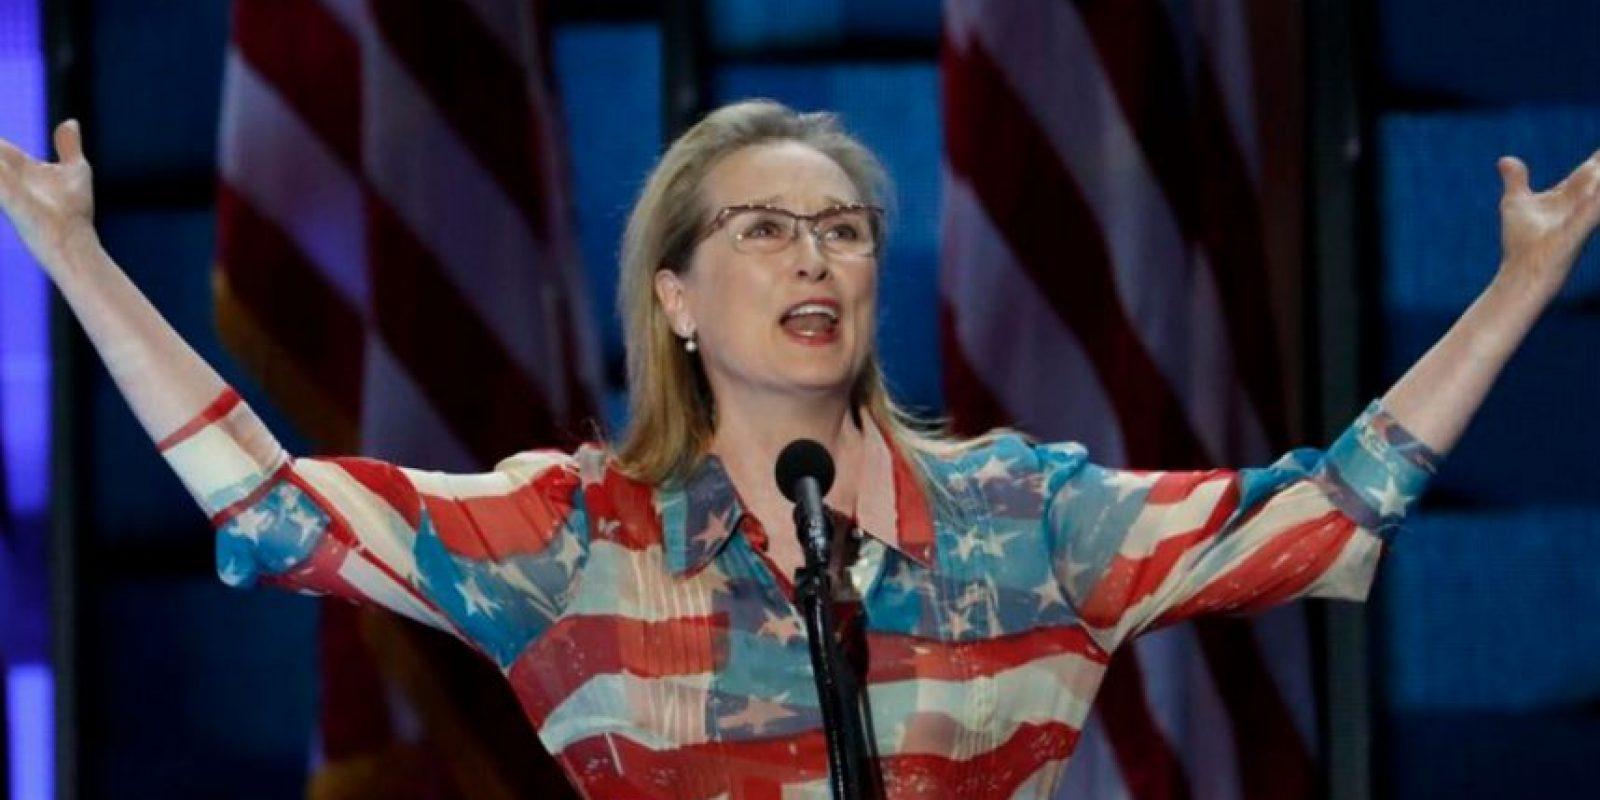 Meryl Streep dio un poderoso discurso sobre el empoderamiento de la mujer. Foto:Getty Images. Imagen Por: